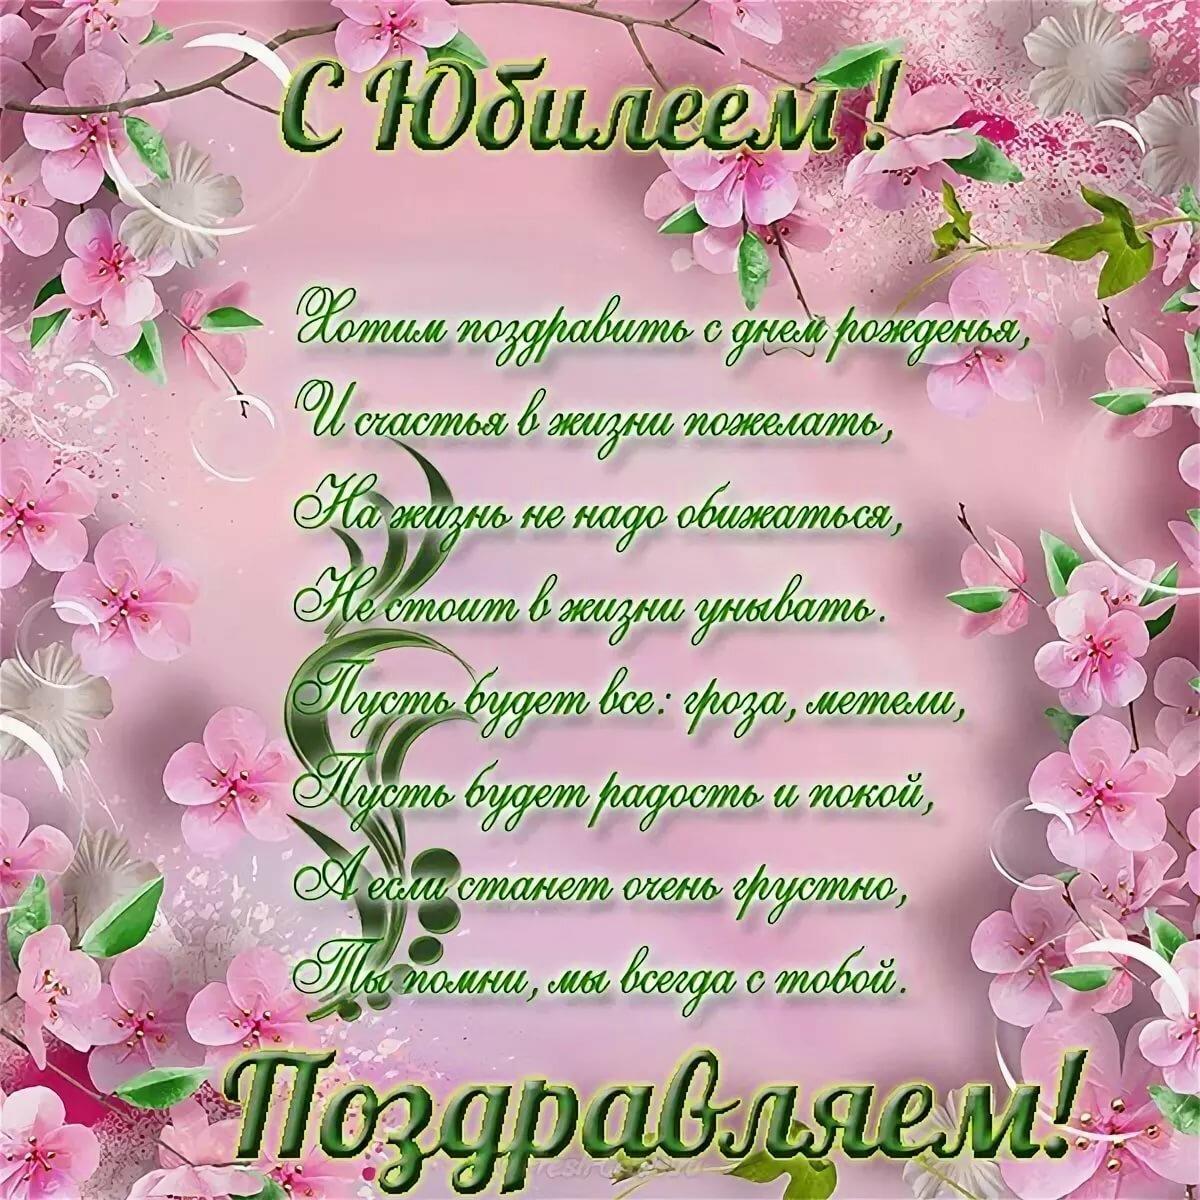 организациях поздравления с юбилеем 60 лет моей коллеге верещагина